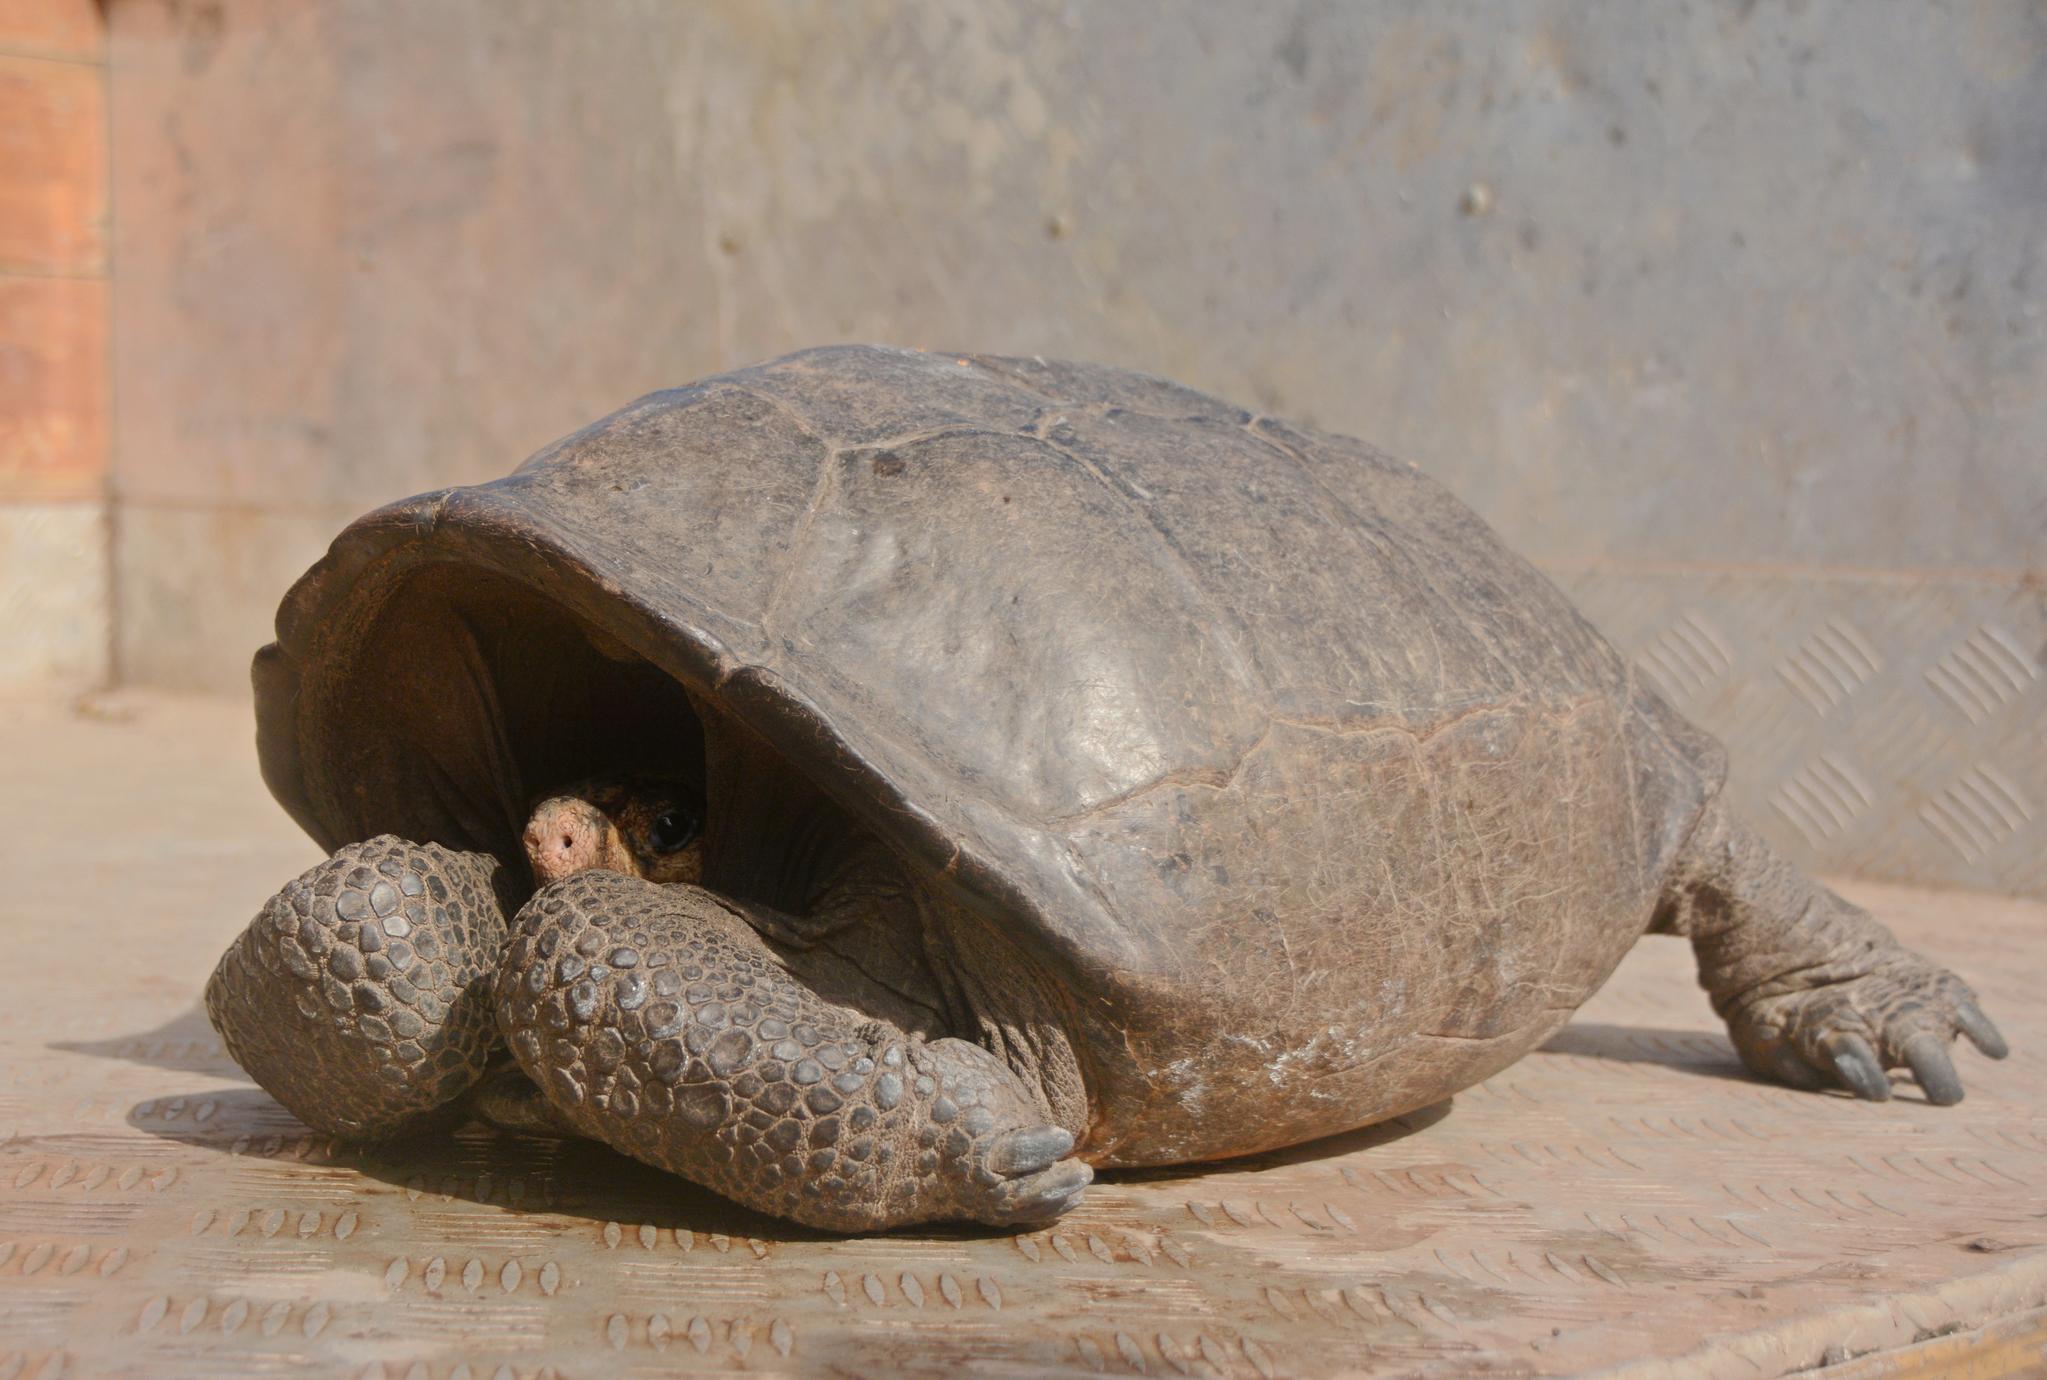 '반갑다' 멸종된 줄 알았던 갈라파고스 거북, 113년 만에 발견